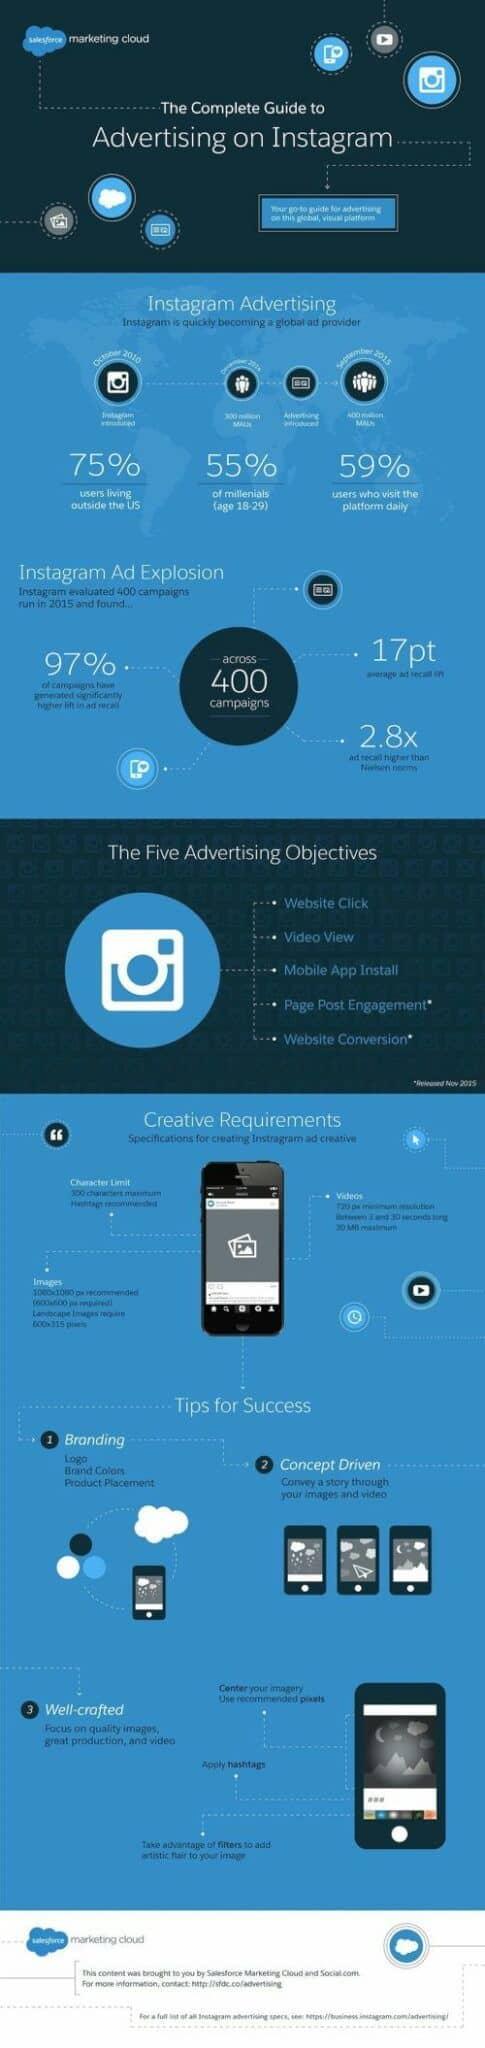 Guía completa sobre la publicidad en Instagram #infografía